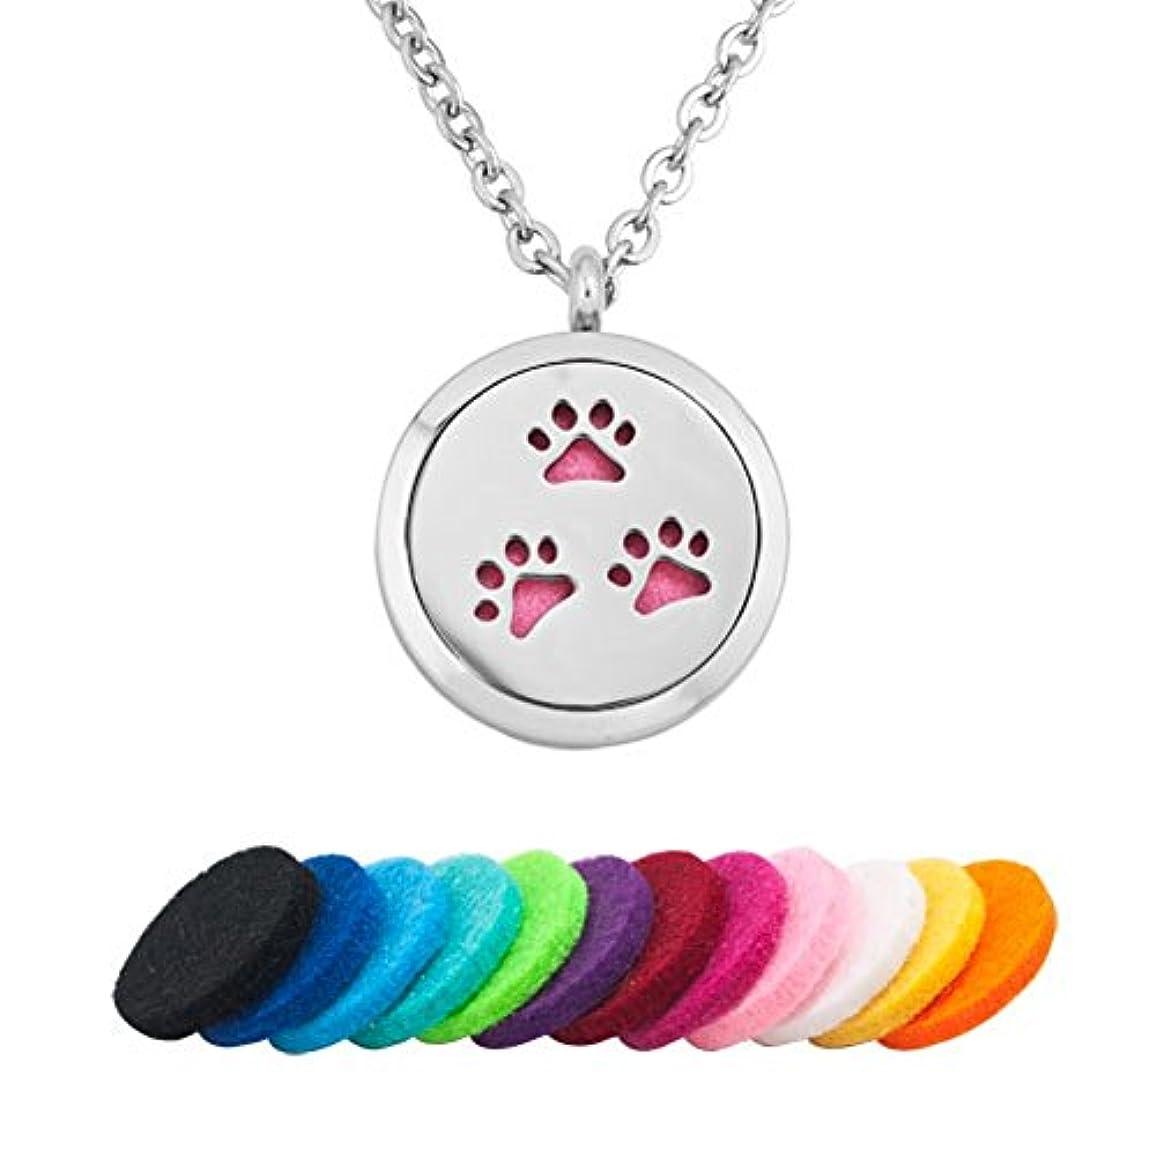 精神的に破壊する上向きq &ロケットLove犬PawprintステンレススチールプレミアムAromatherapy Essential Oil Diffuserロケットネックレス